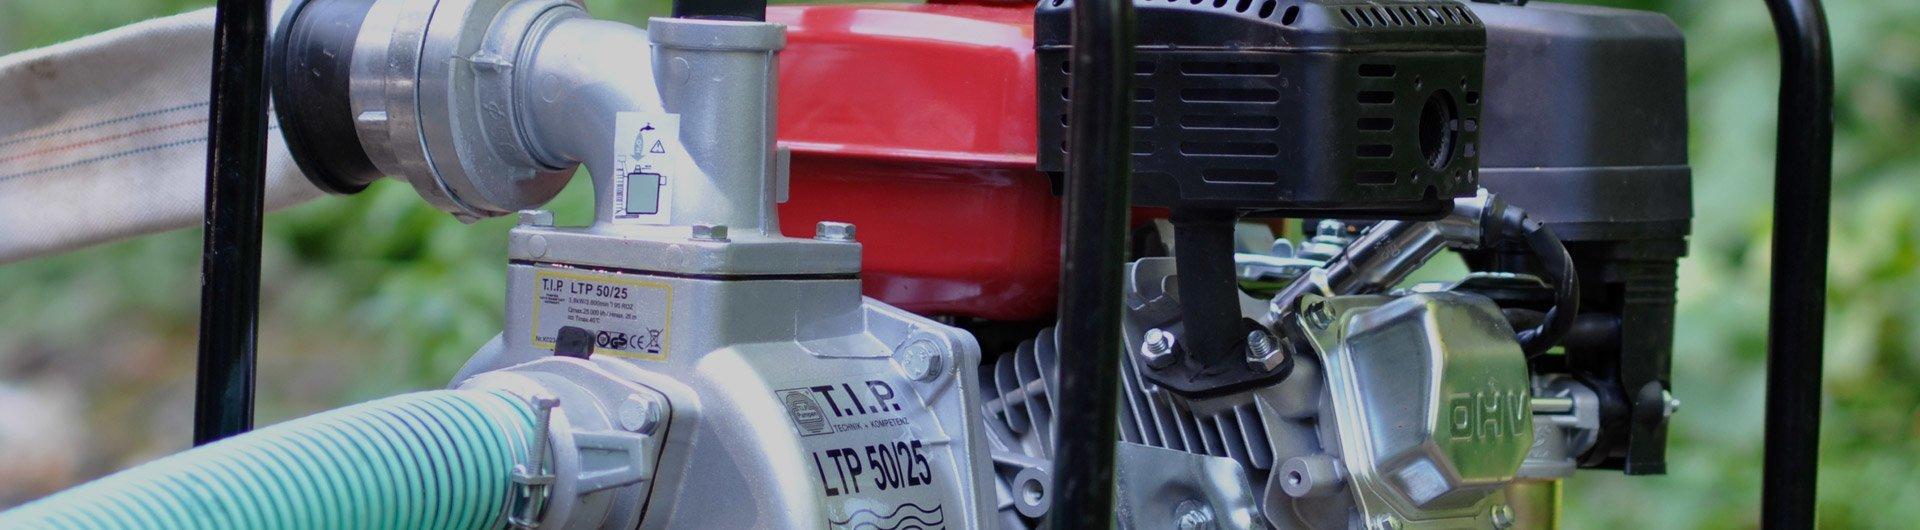 Sliderbild-motorbetriebene-be-und-entwässerungspumpe